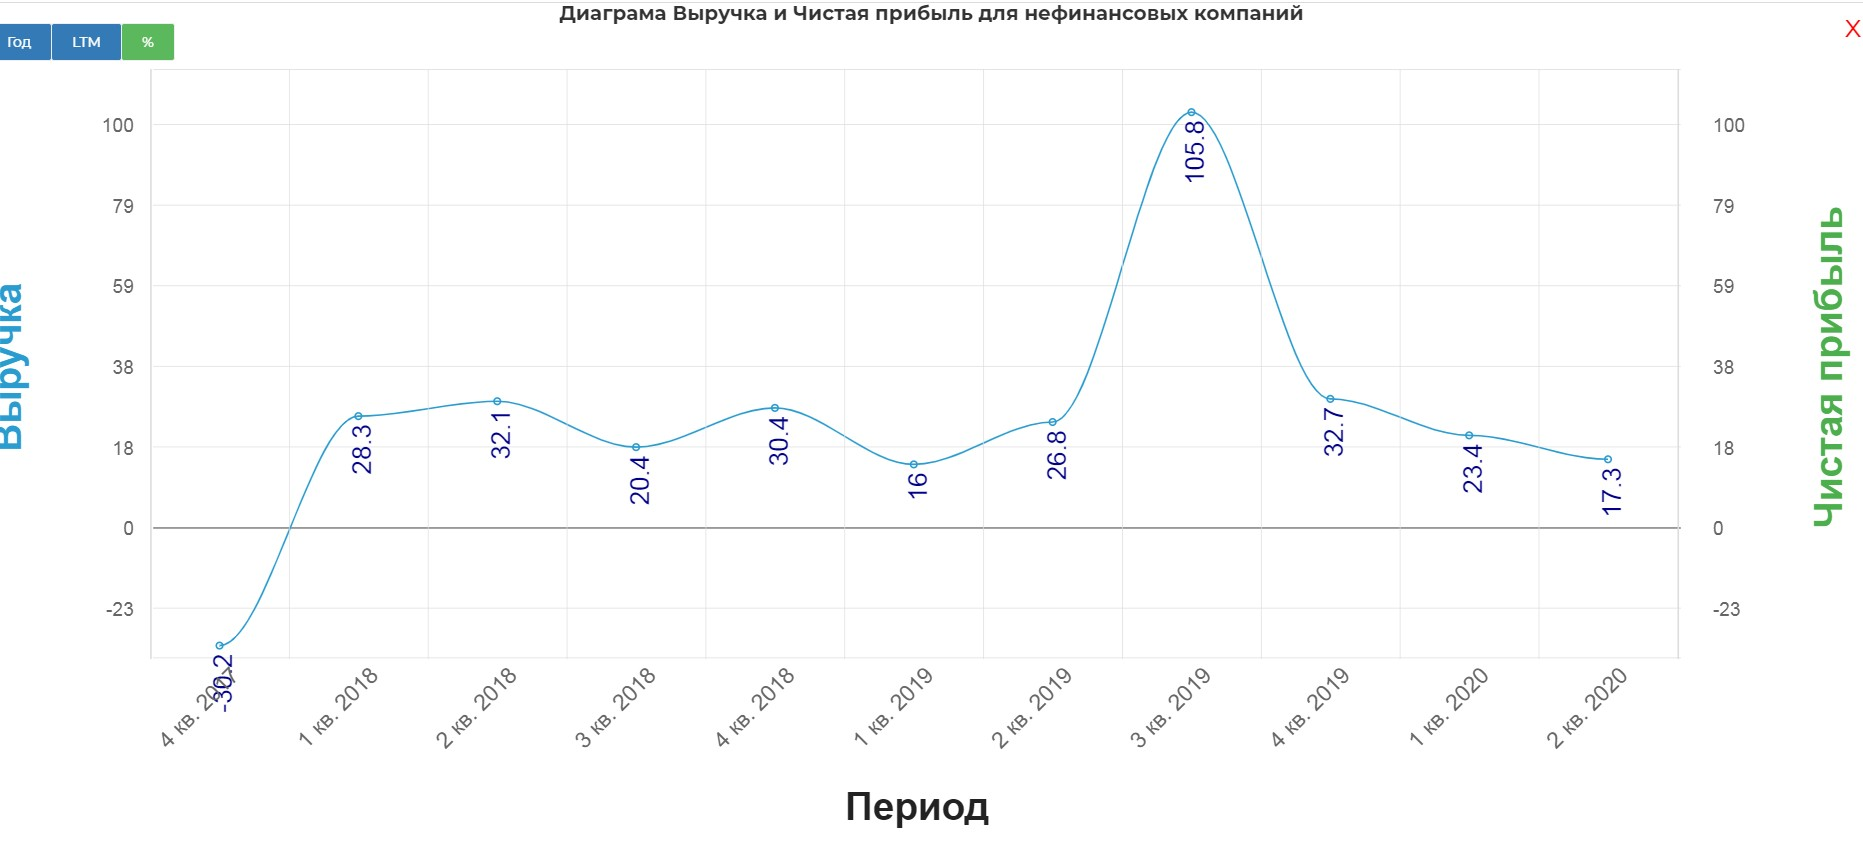 Mail 2кв 2020. Наиграли на 11 млрд. рублей пока сидели дома.